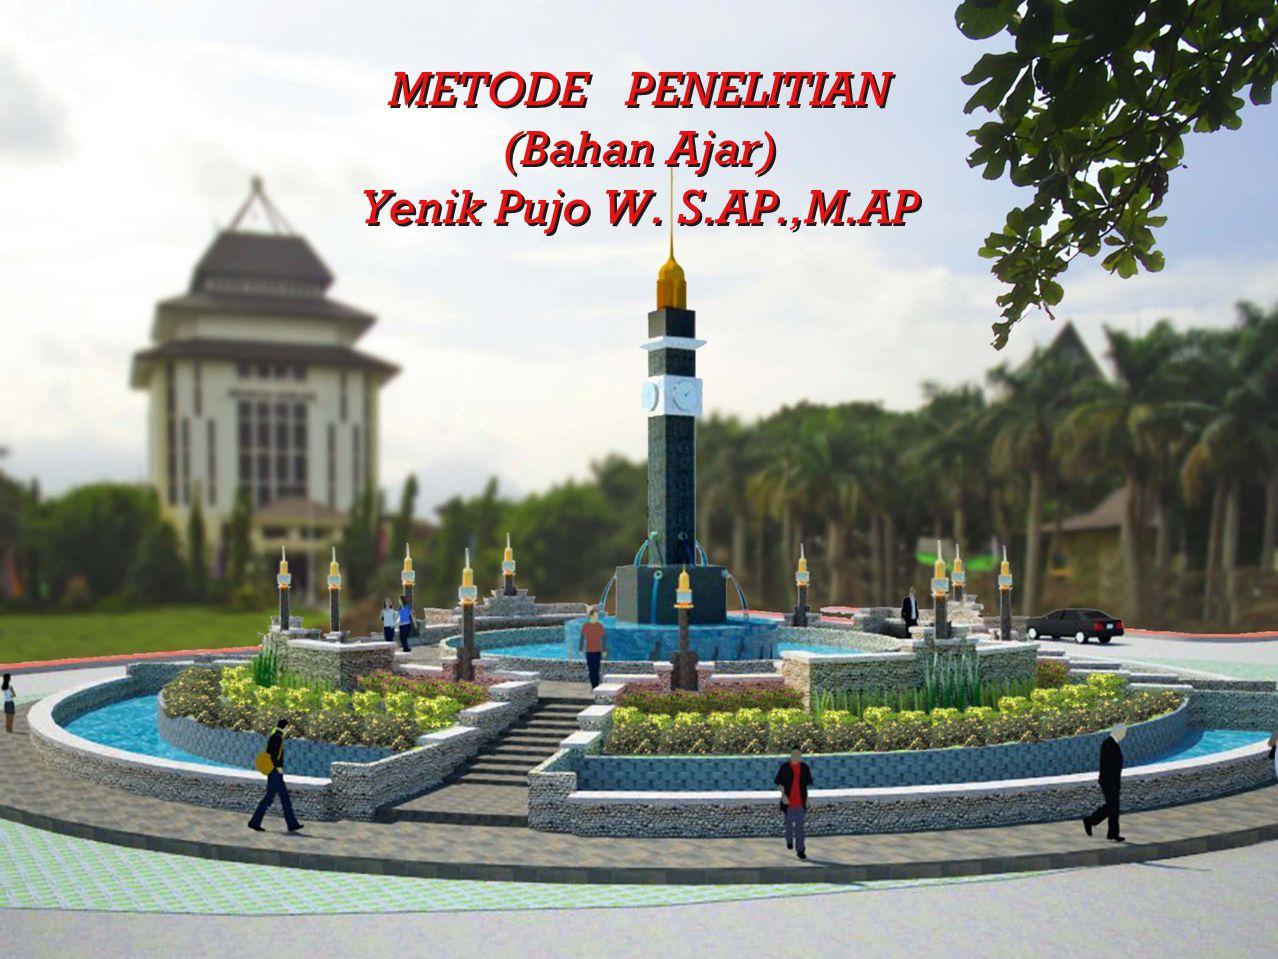 METODE PENELITIAN (Bahan Ajar) Yenik Pujo W. S.AP.,M.AP